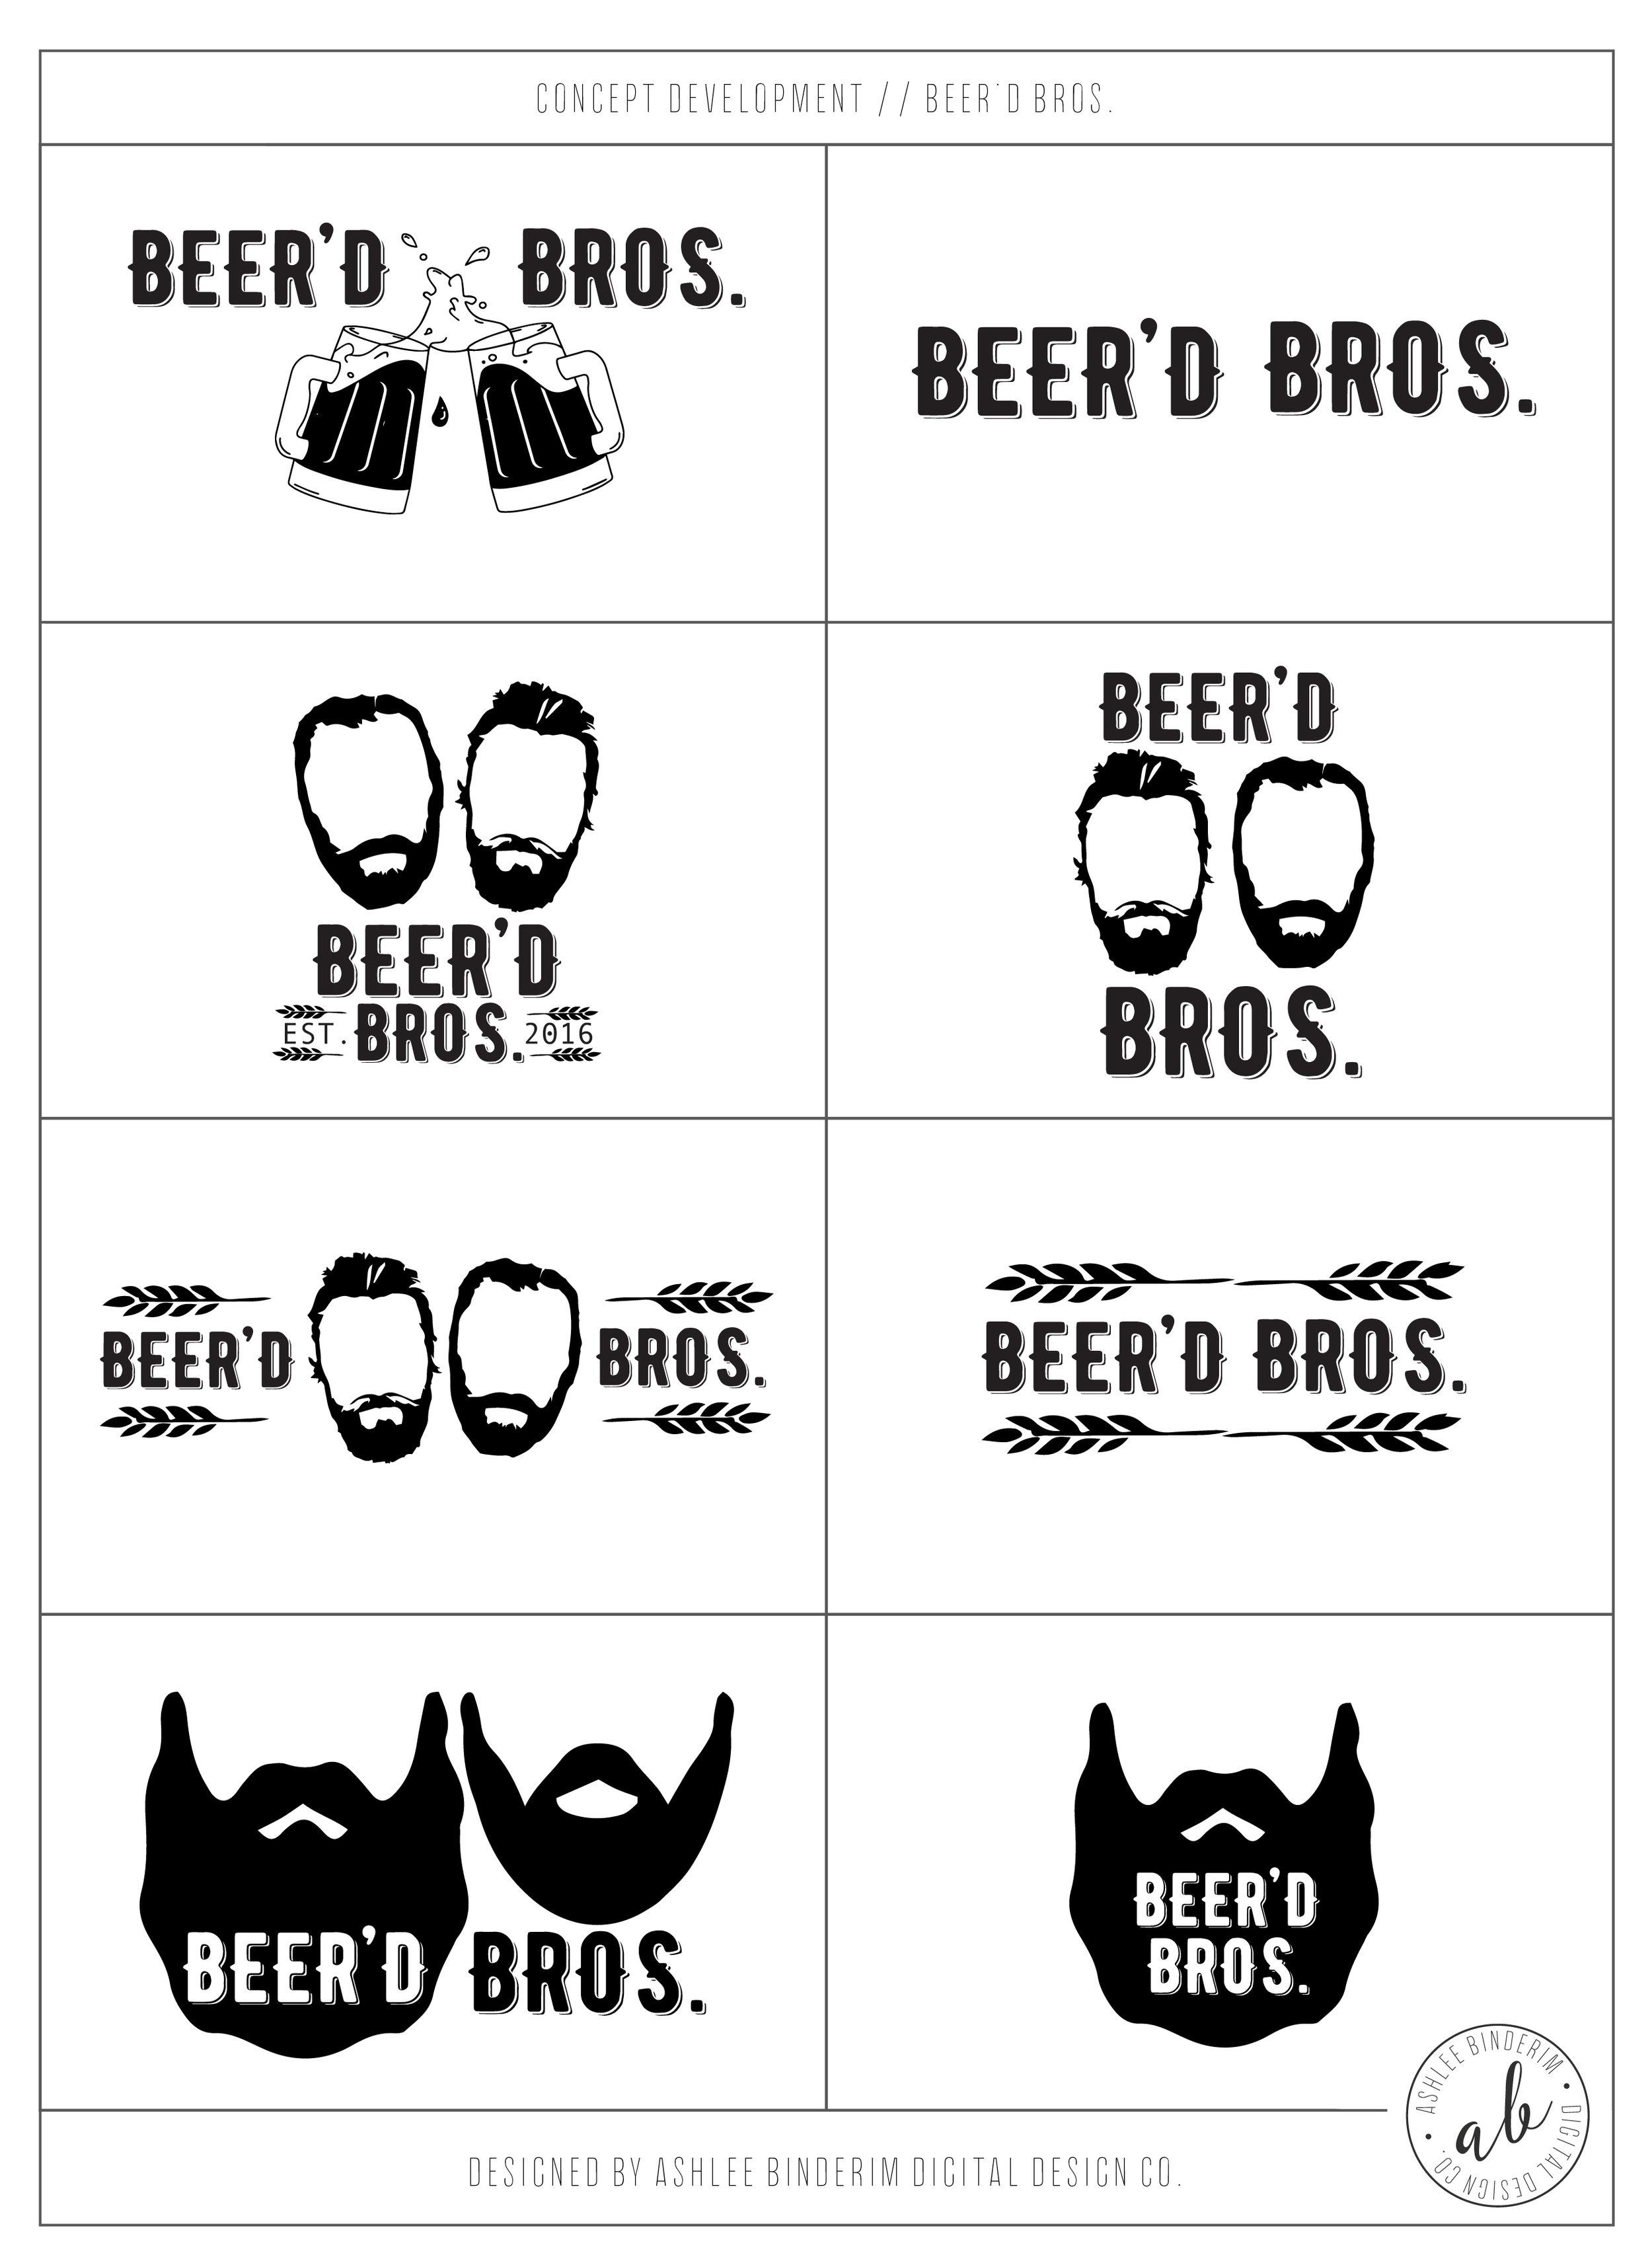 Concept Development – Beer'd Bros.